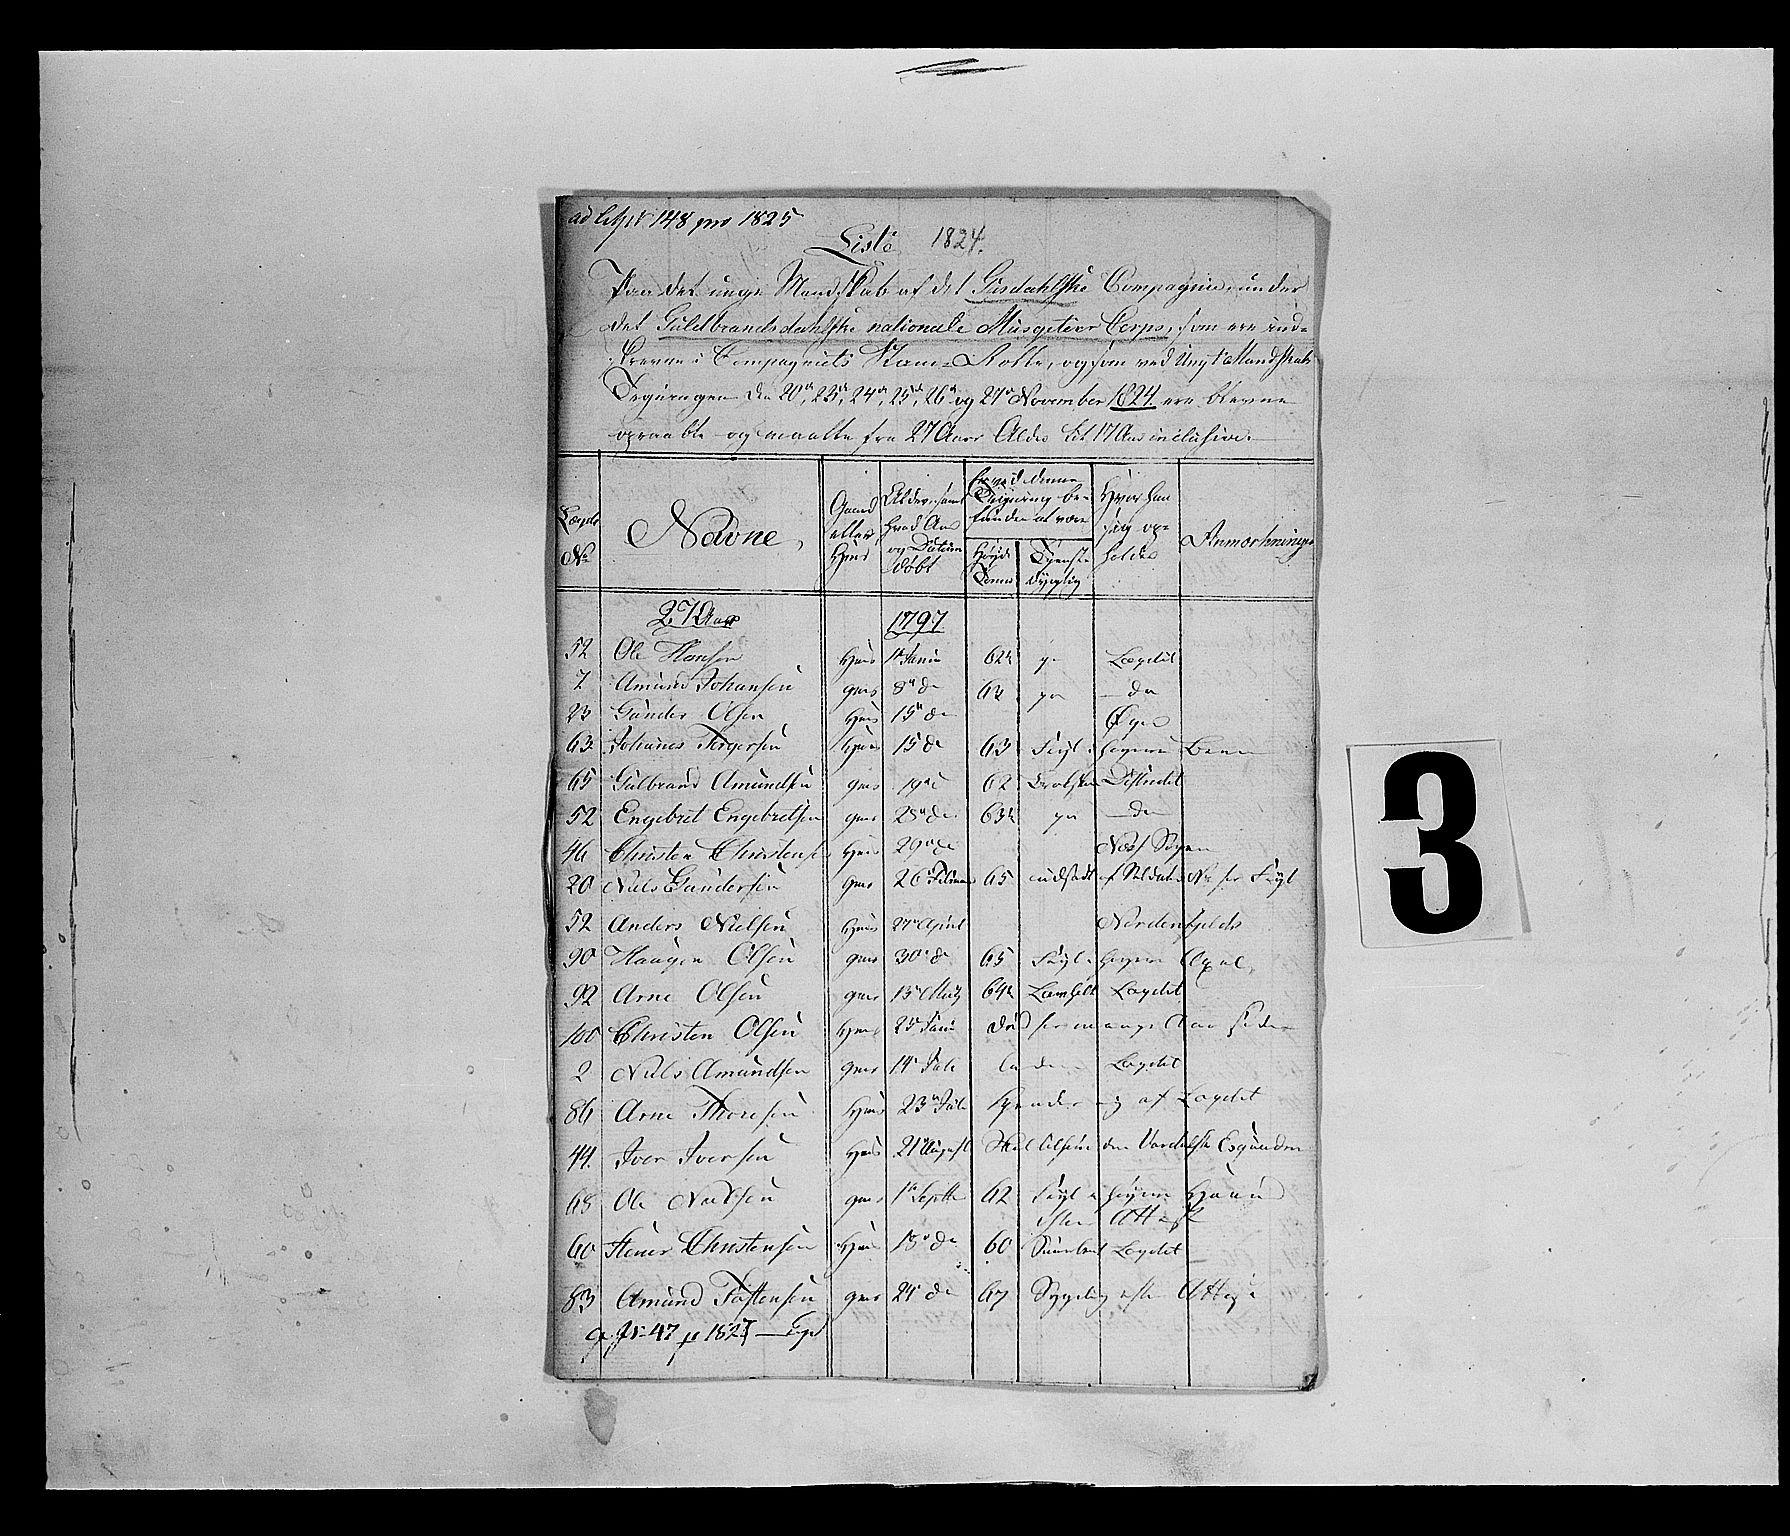 SAH, Fylkesmannen i Oppland, K/Ka/L1155: Gudbrandsdalen nasjonale musketérkorps - Gausdalske kompani, 3. og 4. divisjon av Opland landvernsbataljon, 1818-1860, s. 20